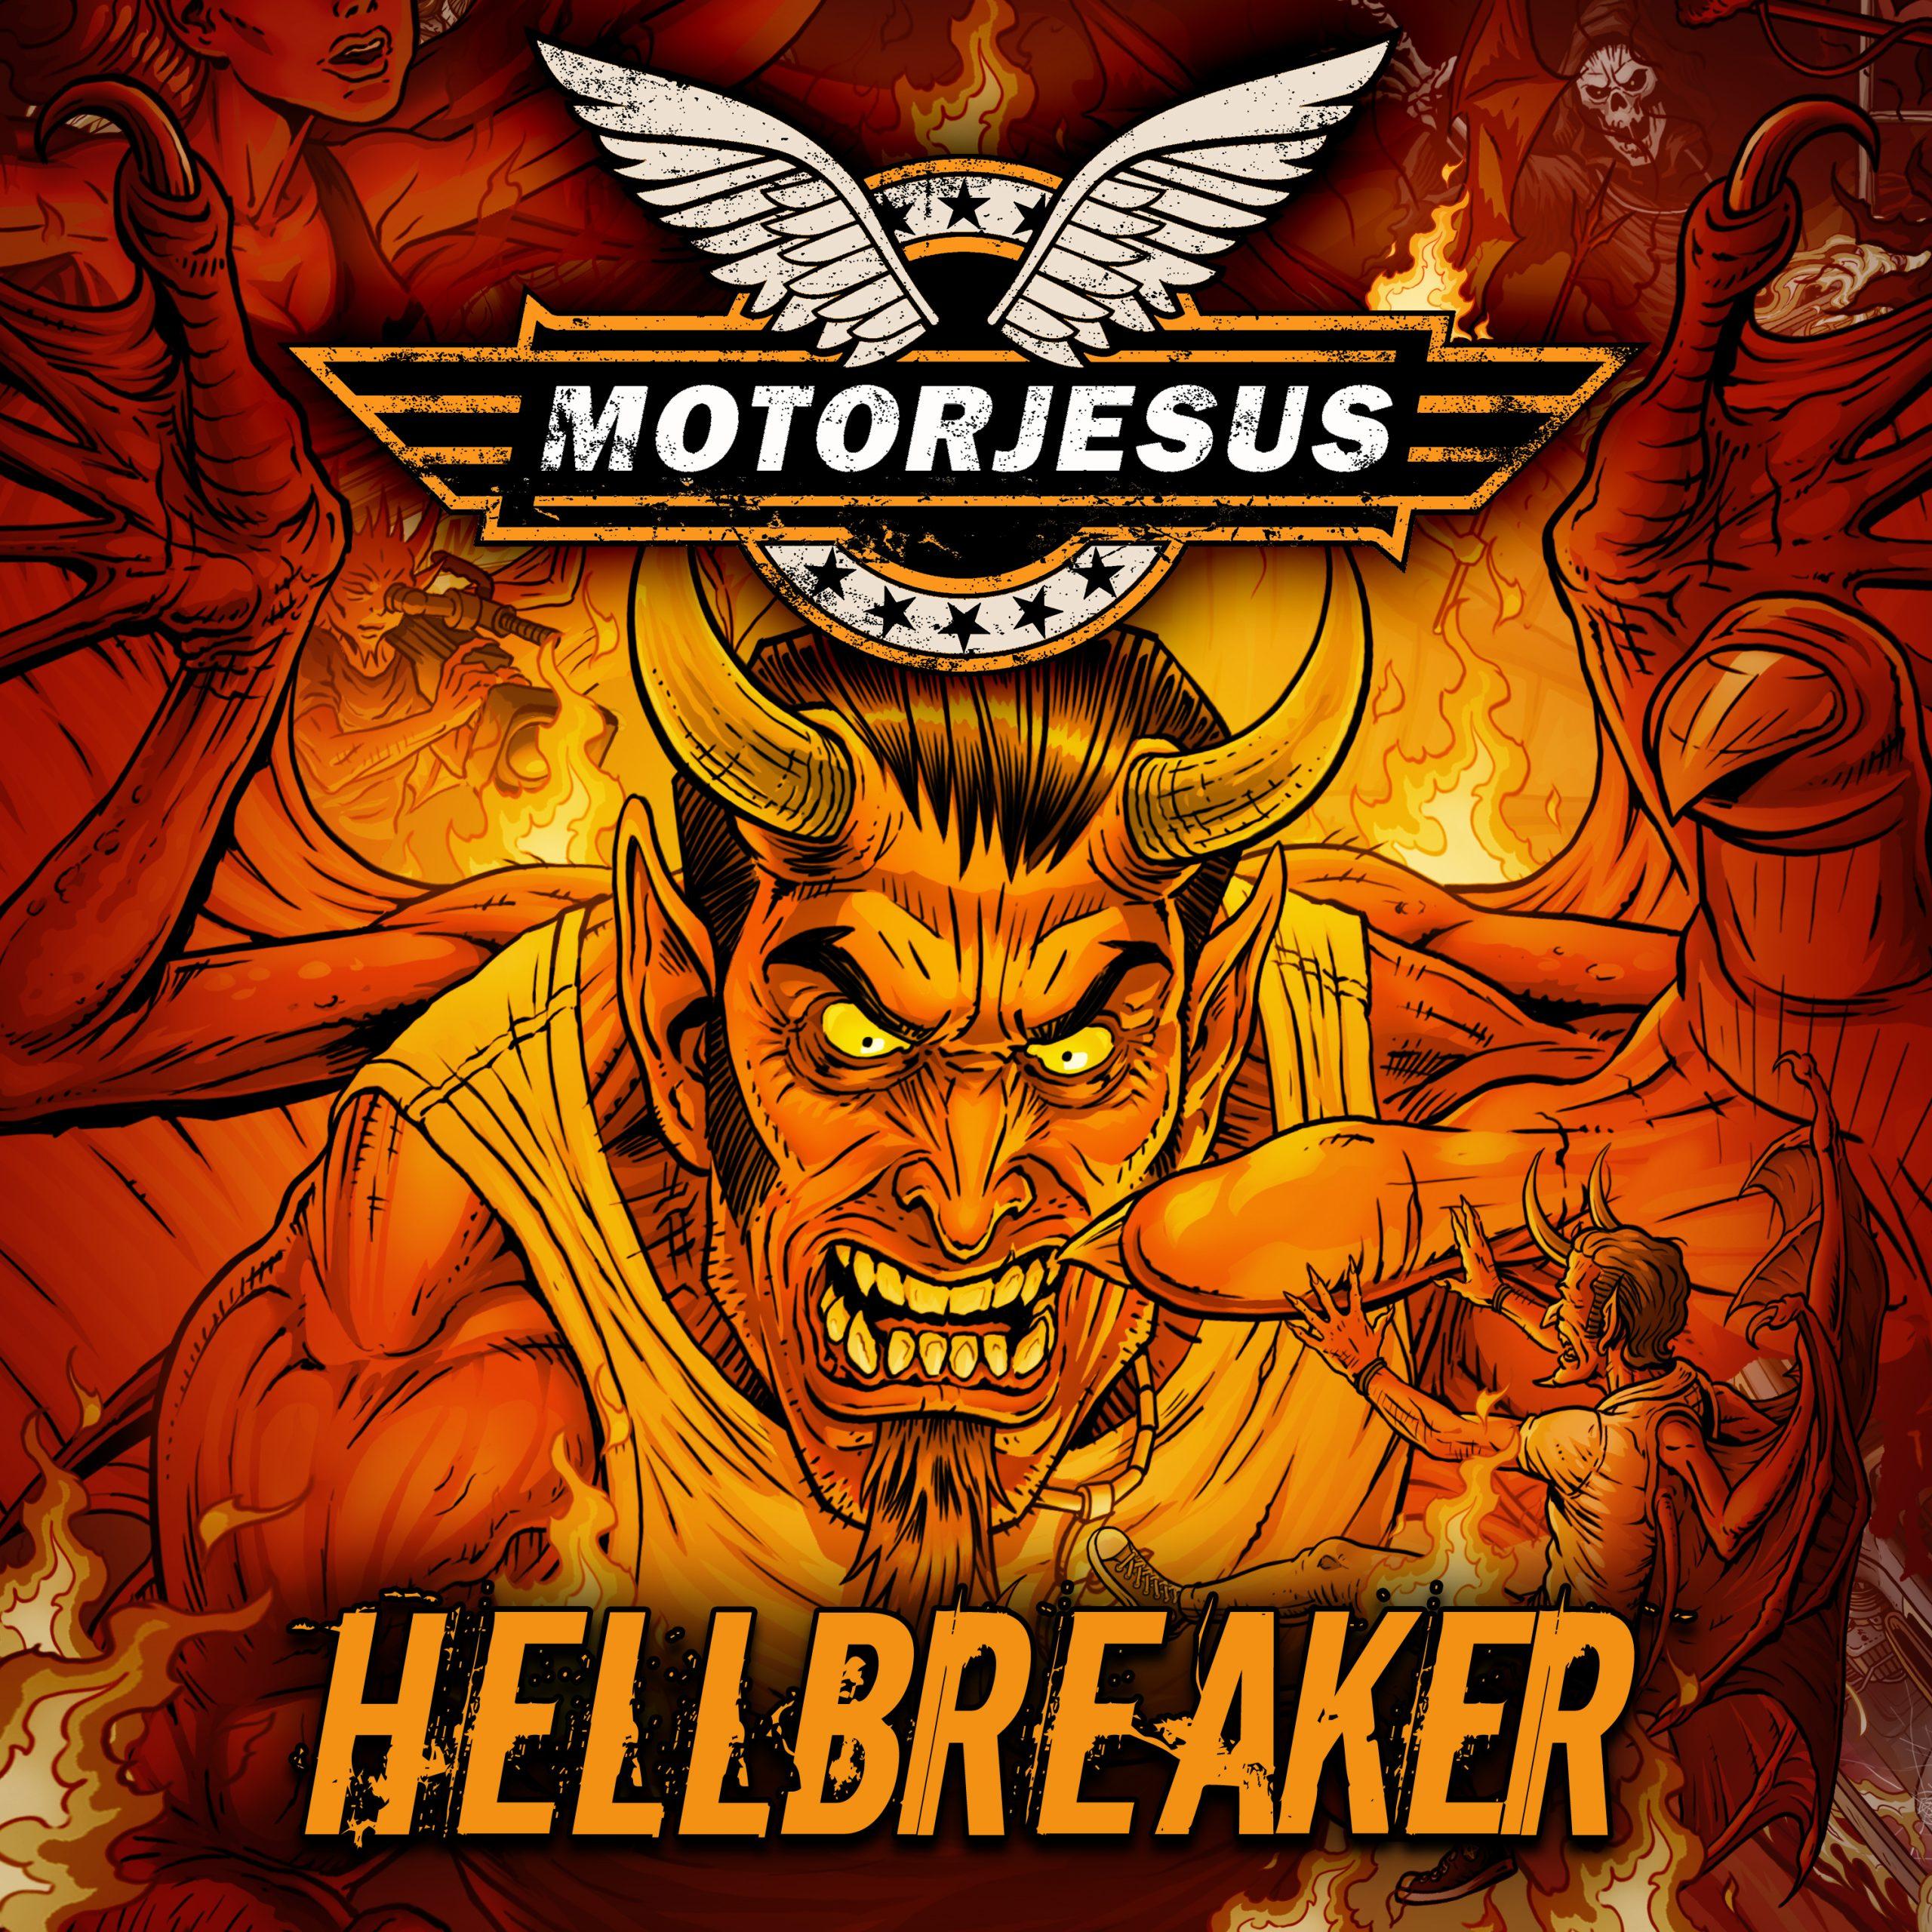 motorjesus-hellbreaker-ein-album-review